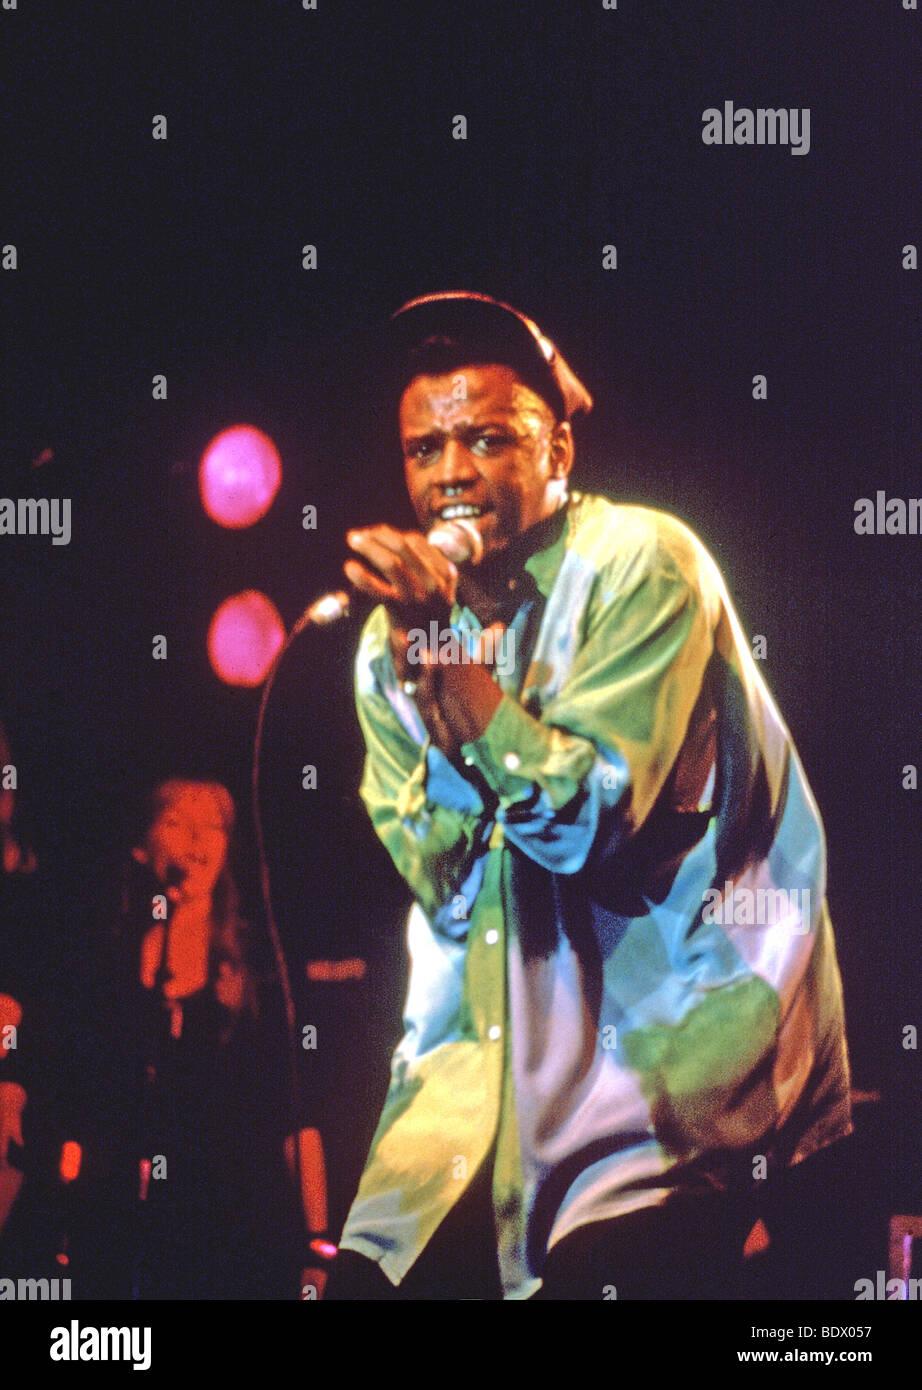 DAVID GRANT - UK Singer en 1983 Photo Stock